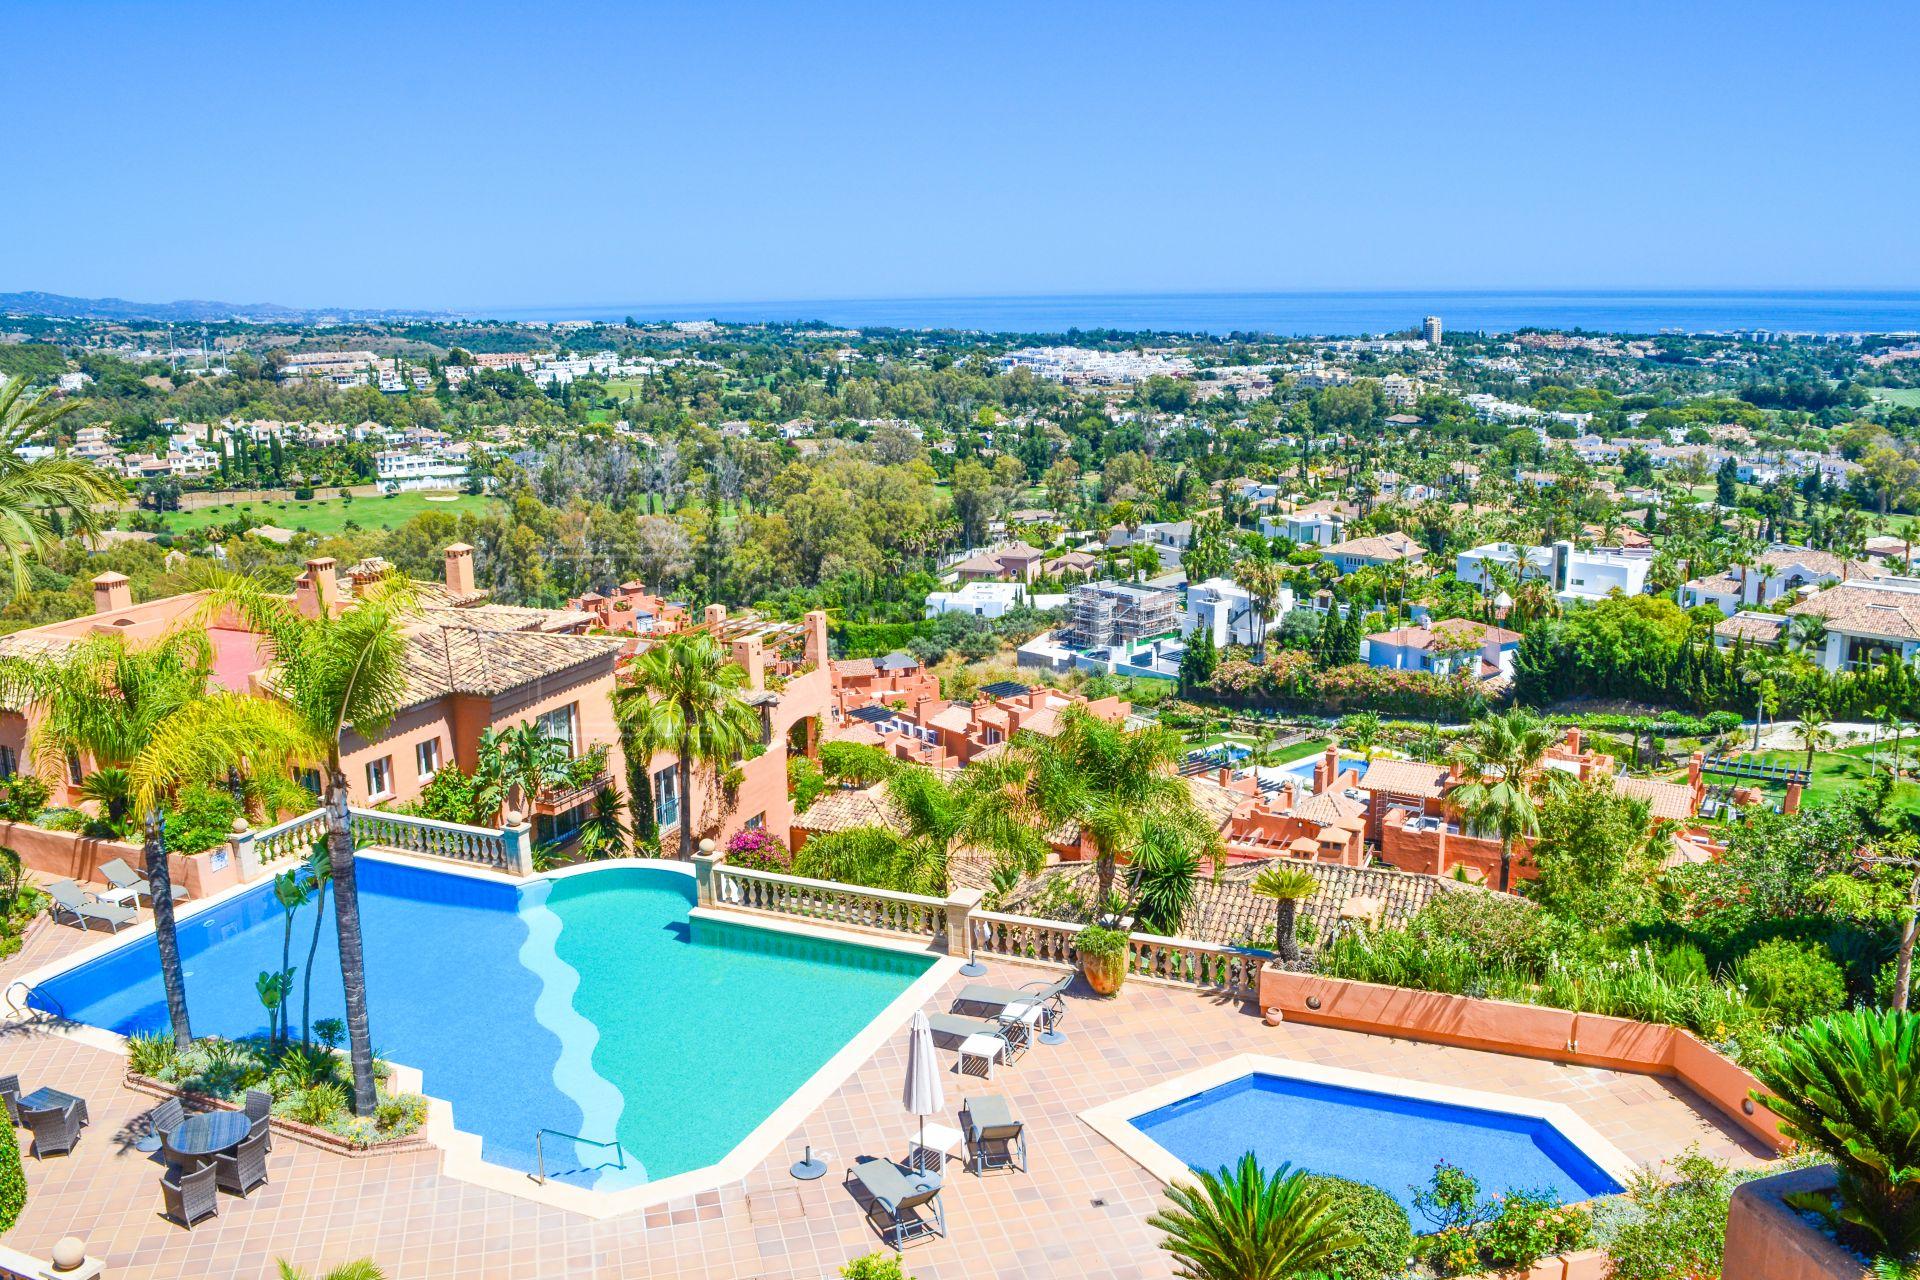 Apartamento en venta en Los Belvederes, Nueva Andalucia